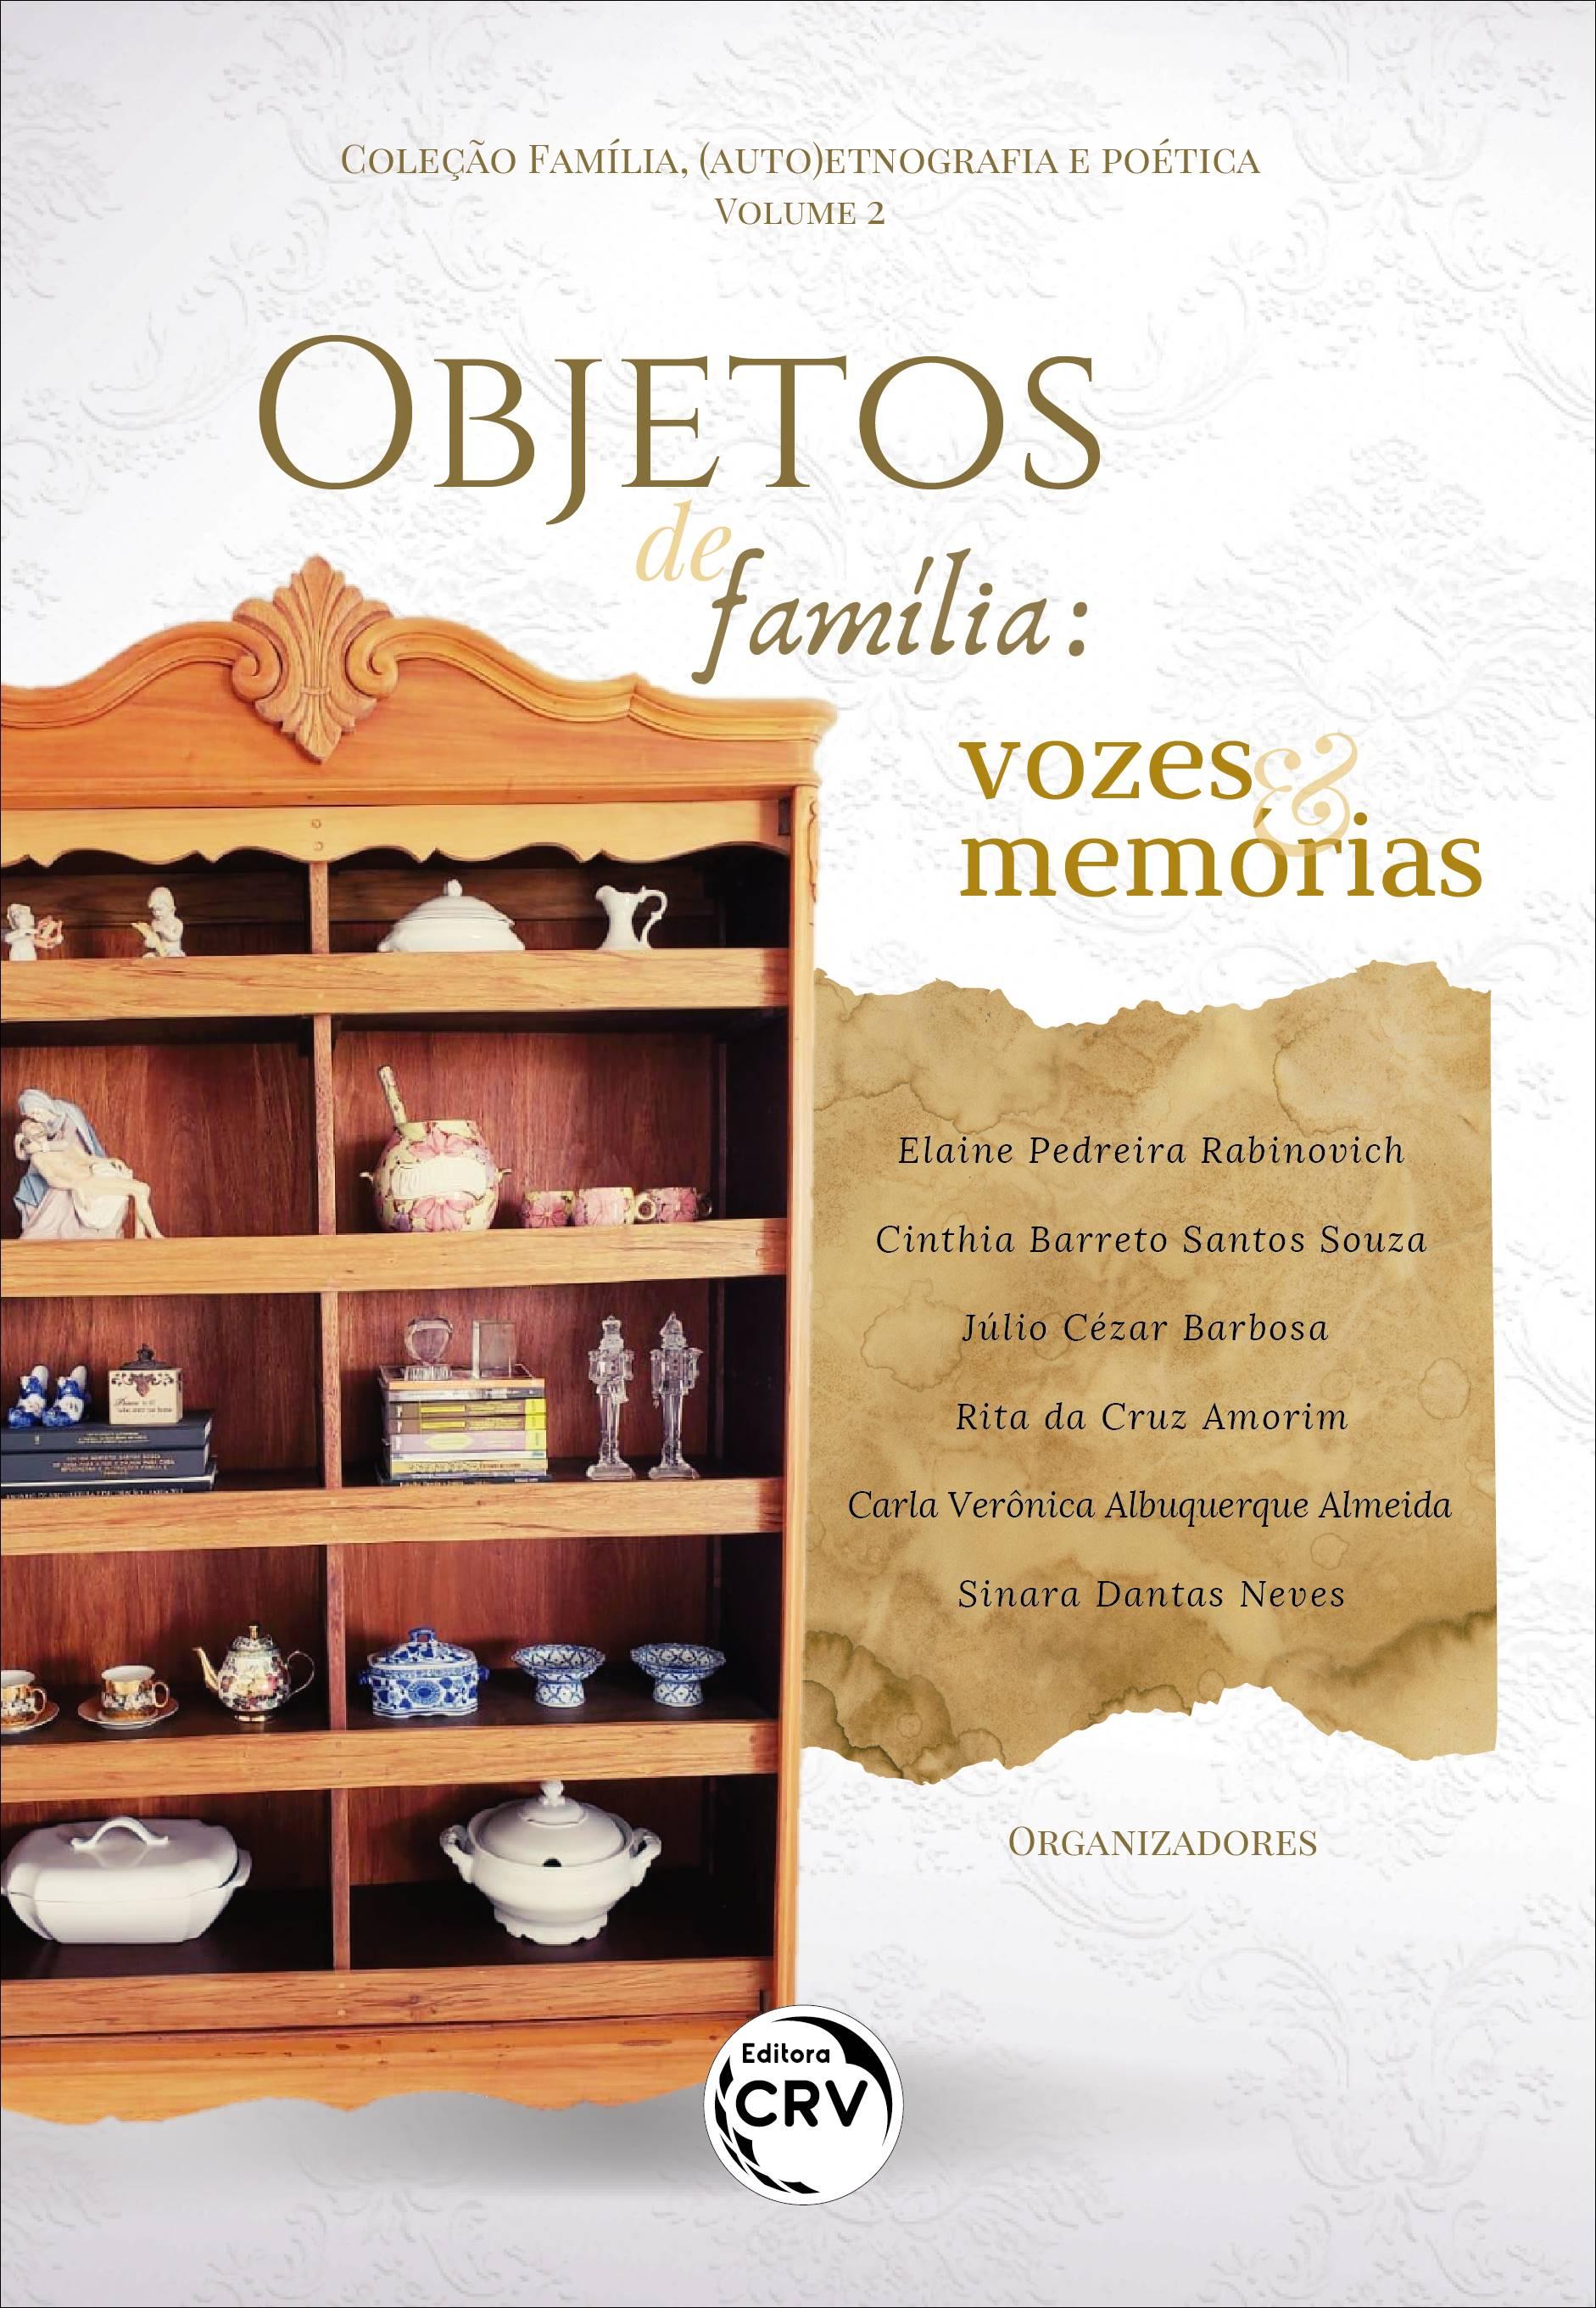 Capa do livro: OBJETOS DE FAMÍLIA:<br> vozes e memórias<br> Coleção Família, (auto)etnografia e poética - Volume 2